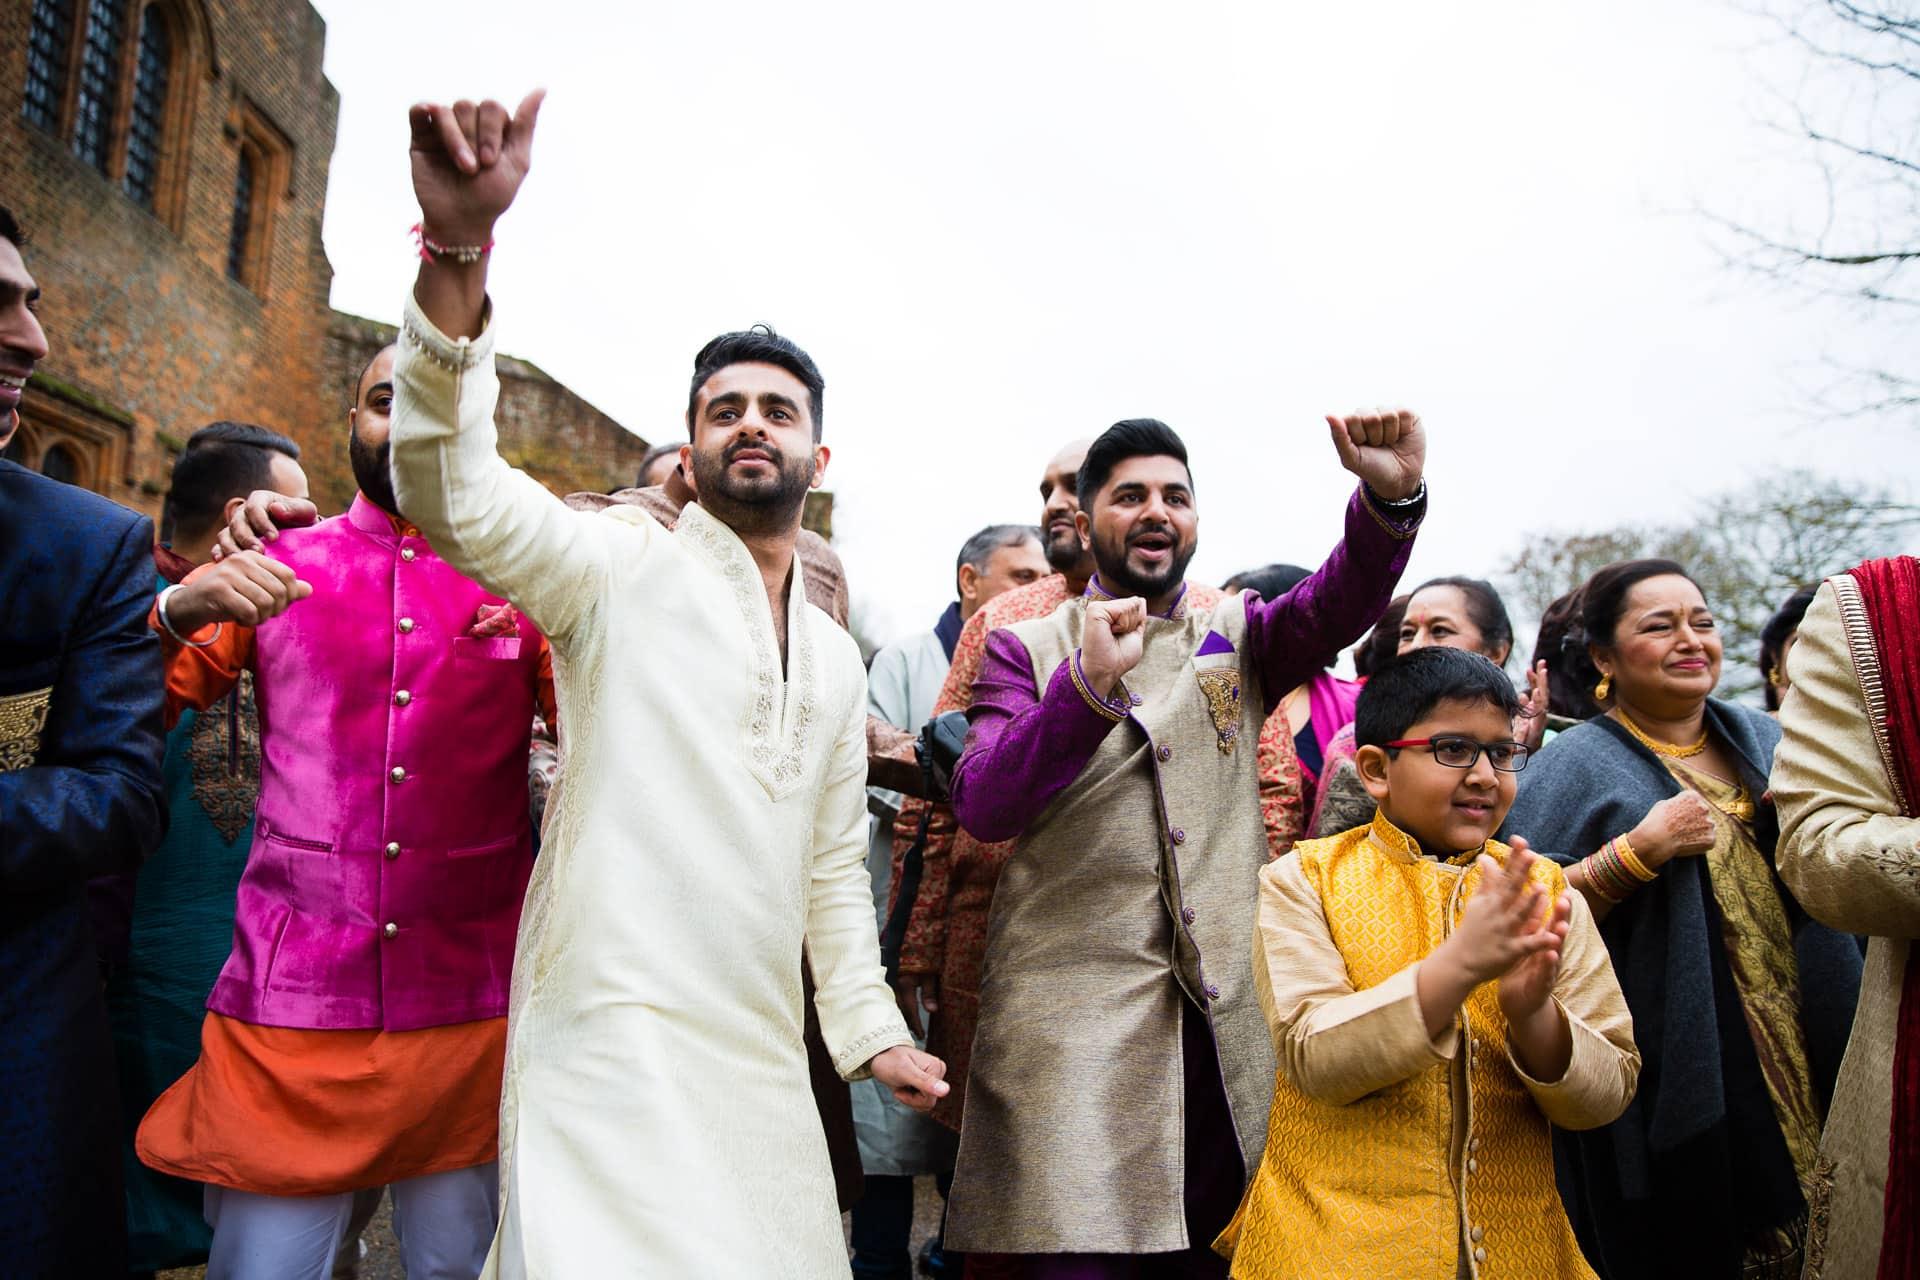 Asian wedding, groom's arrival